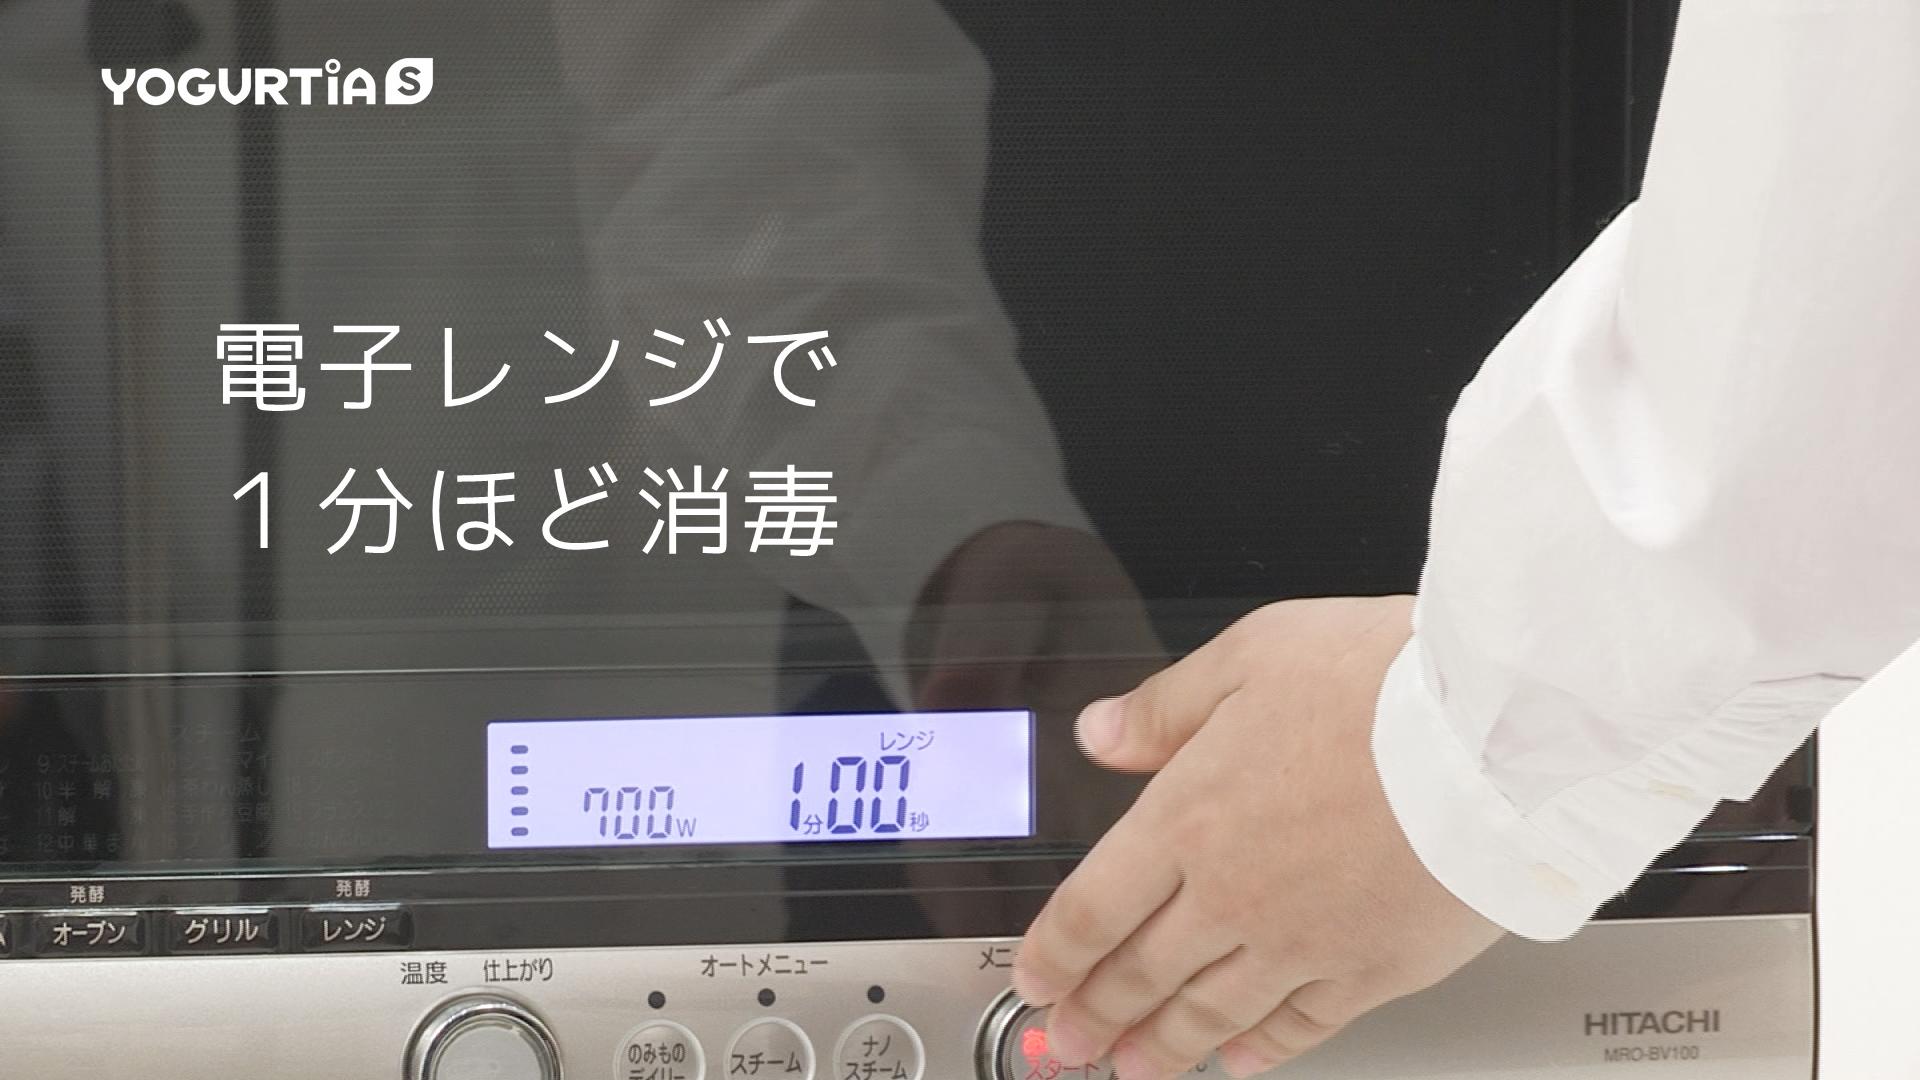 内容器・内ふた・スプーンを電子レンジまたは熱湯で消毒します。